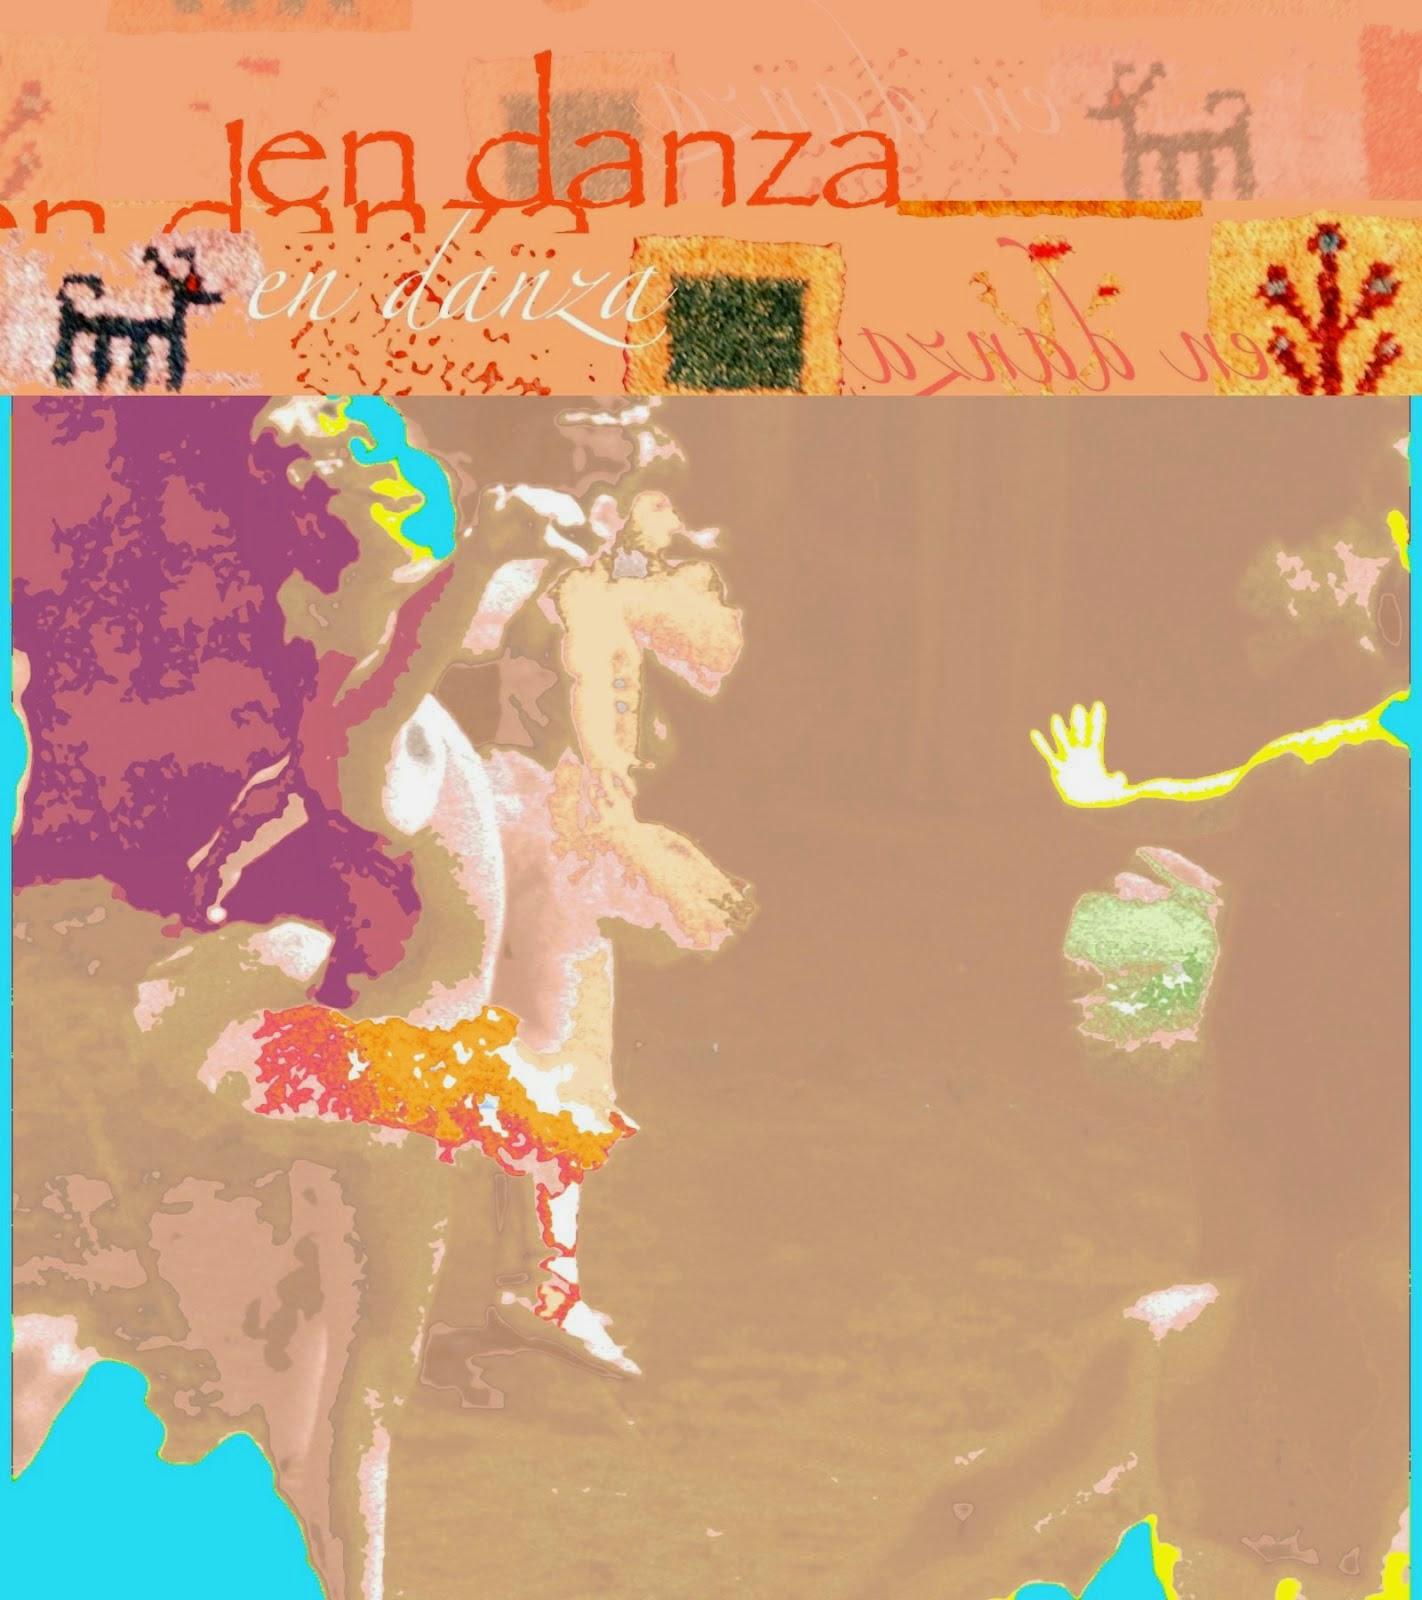 Yoga, danza y más... Apuntes, imágenes, poemas, escritos y collages de temas variados...